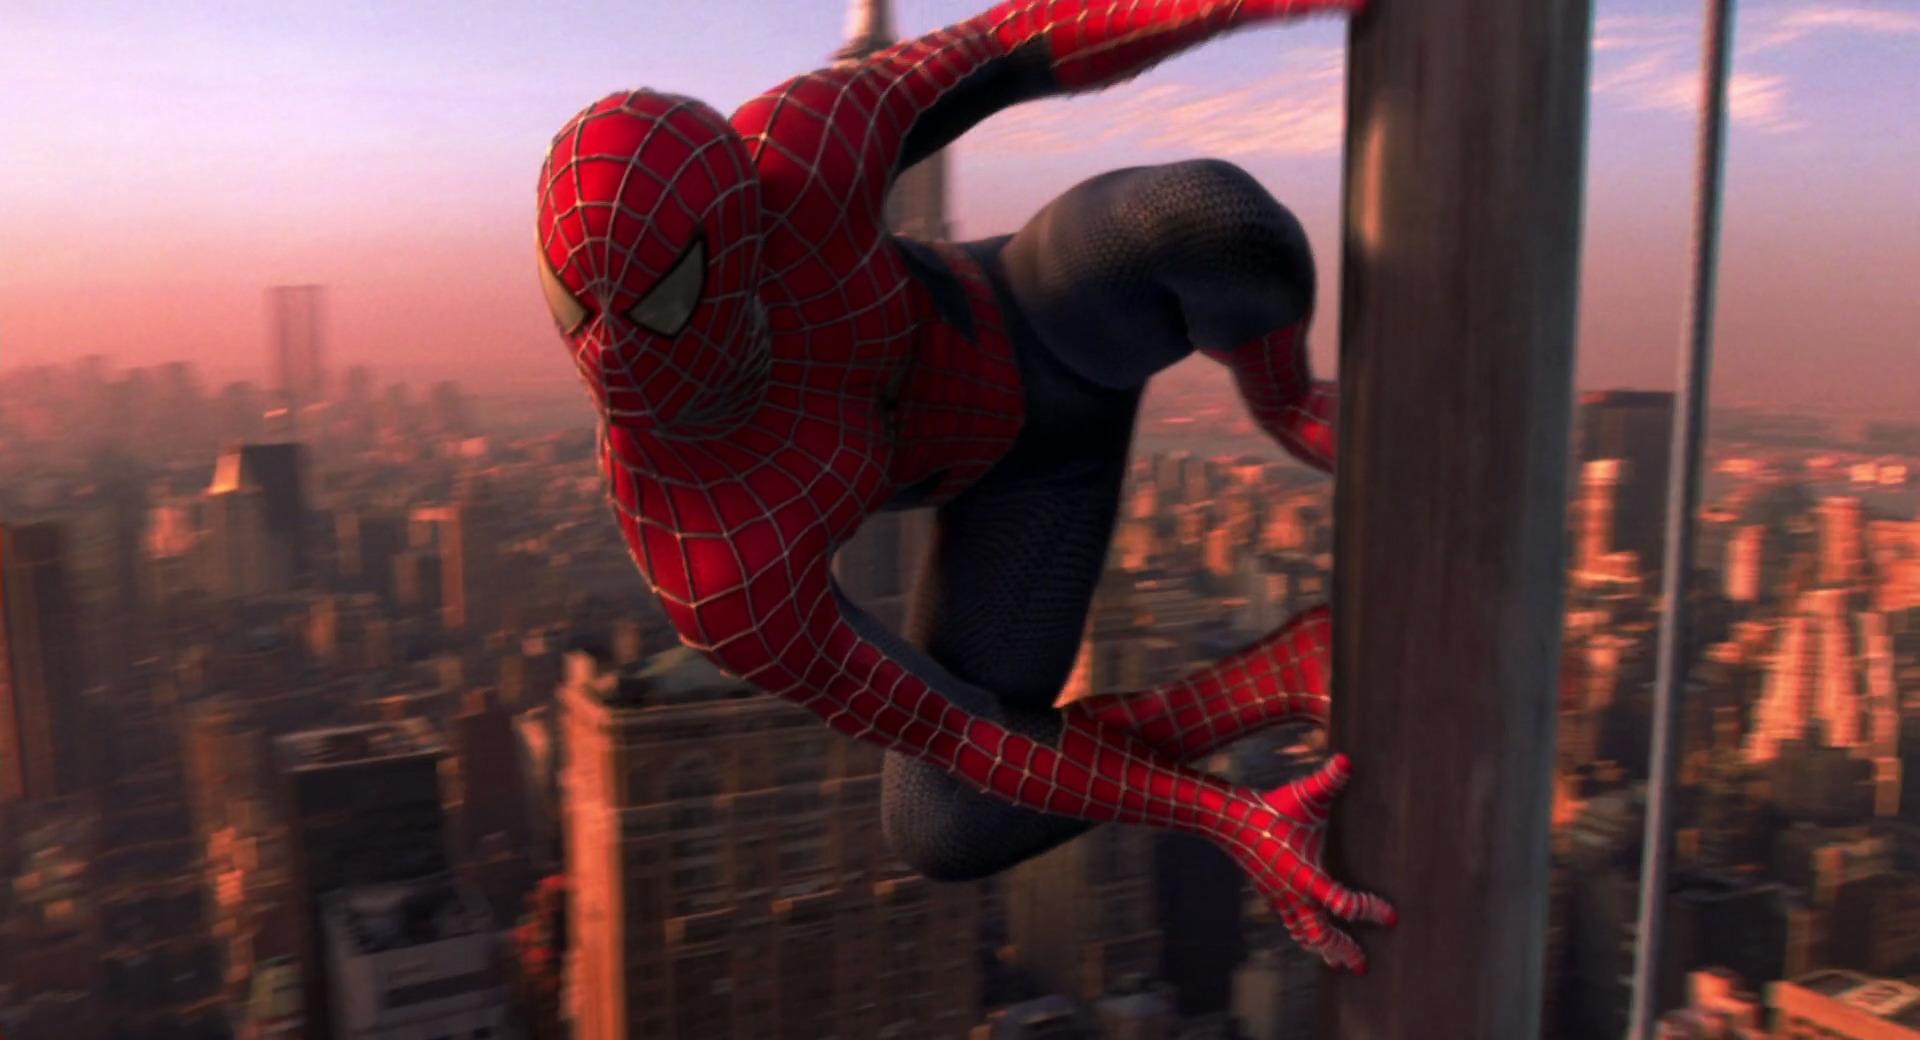 Spider-Man (c) Columbia Pictures 2002